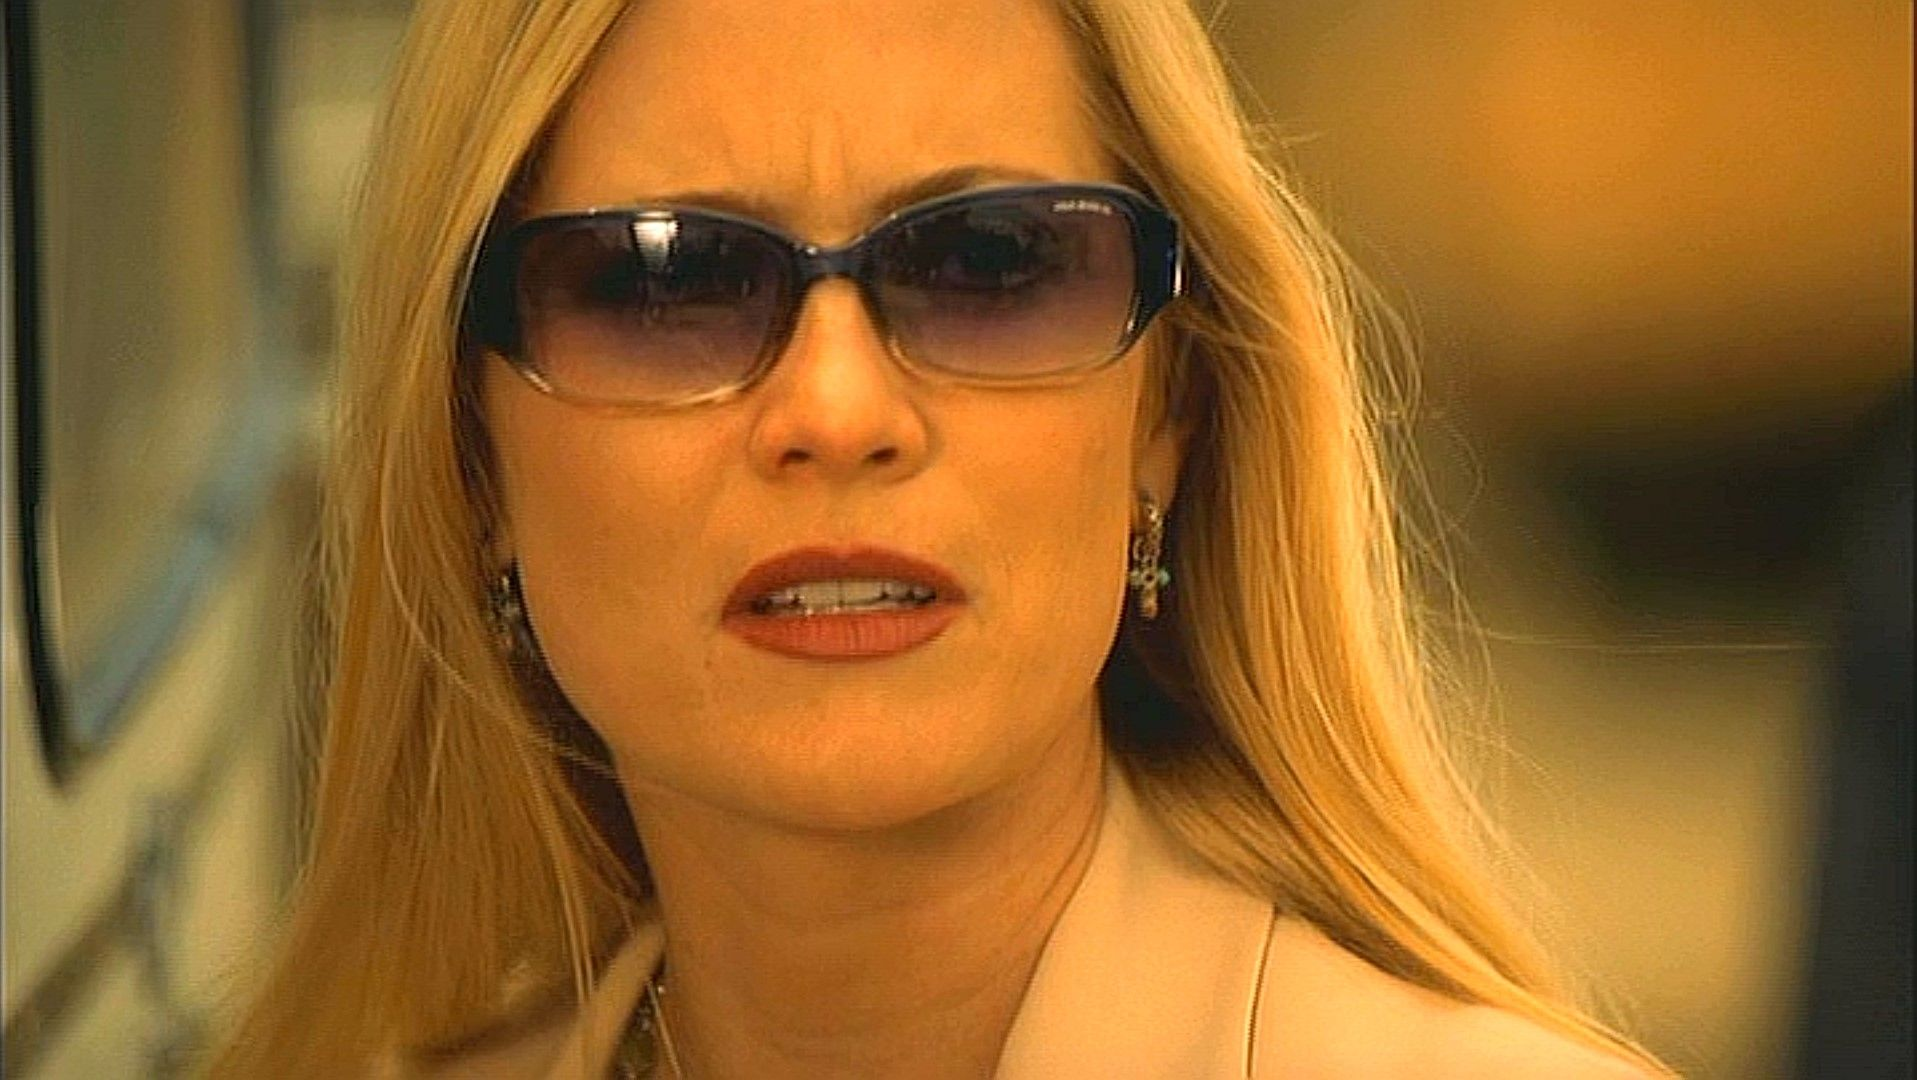 Csi Miami Det Calleigh Duquesne 37 Square Sunglasses Women Sunglasses Women Women